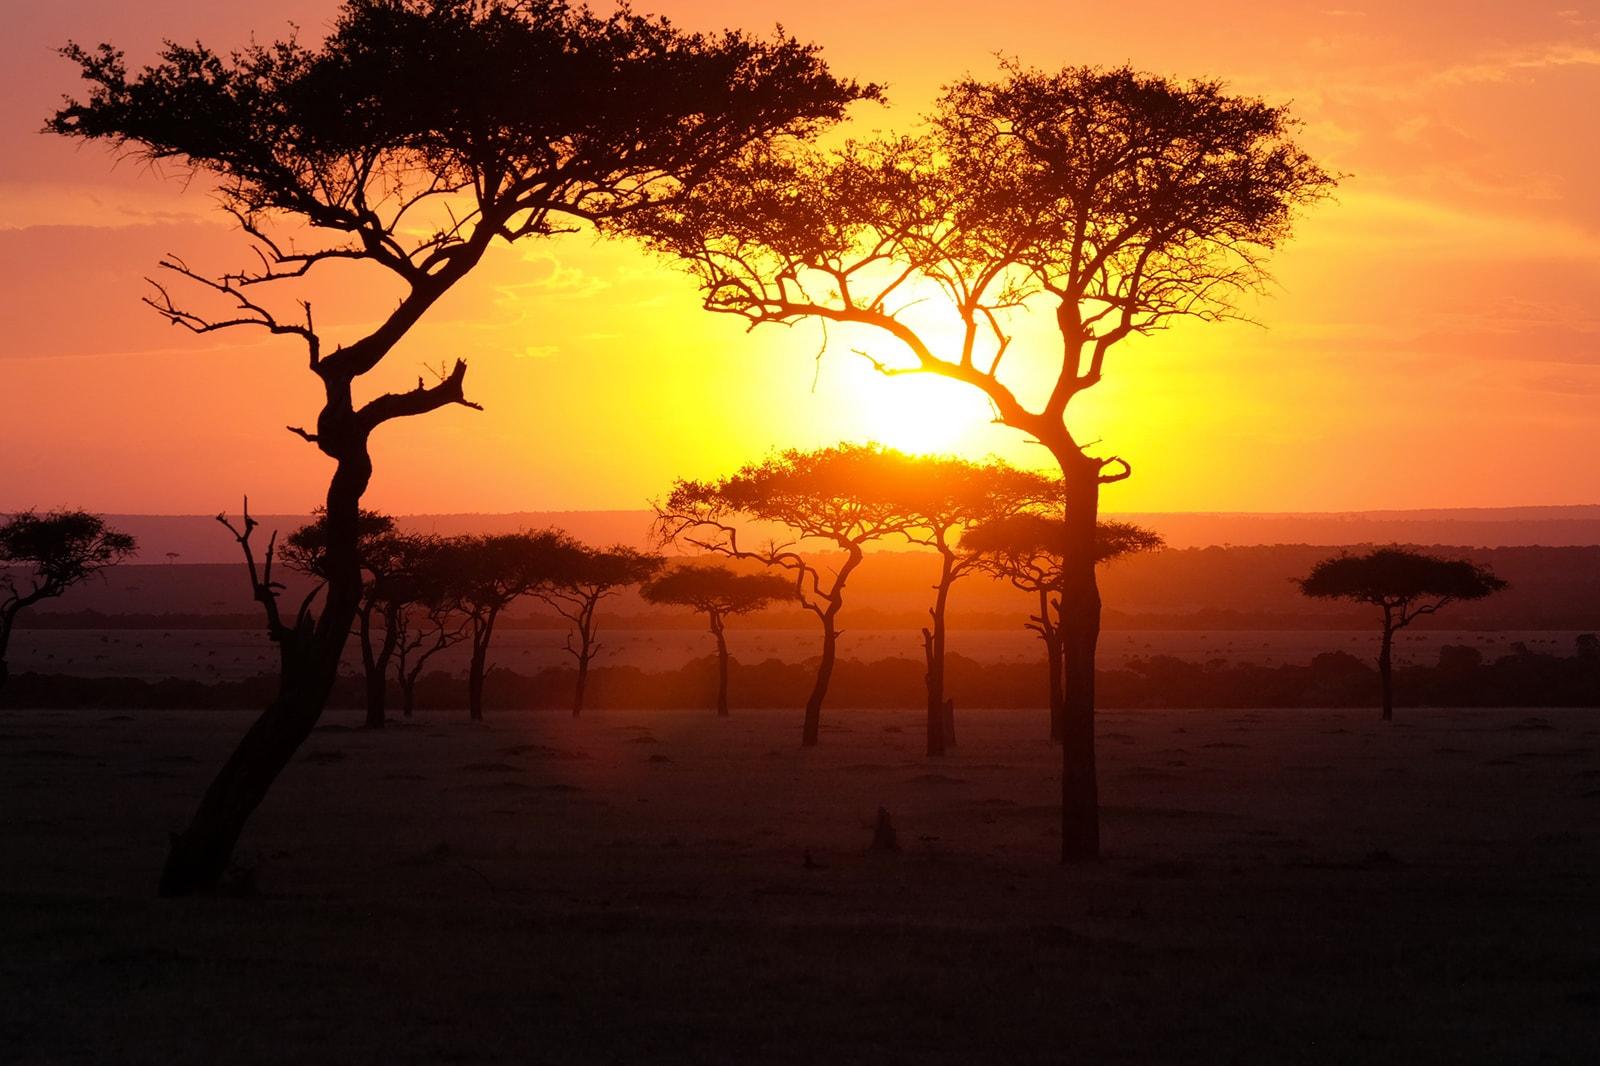 viaggio_fotografico_kenya_9-min